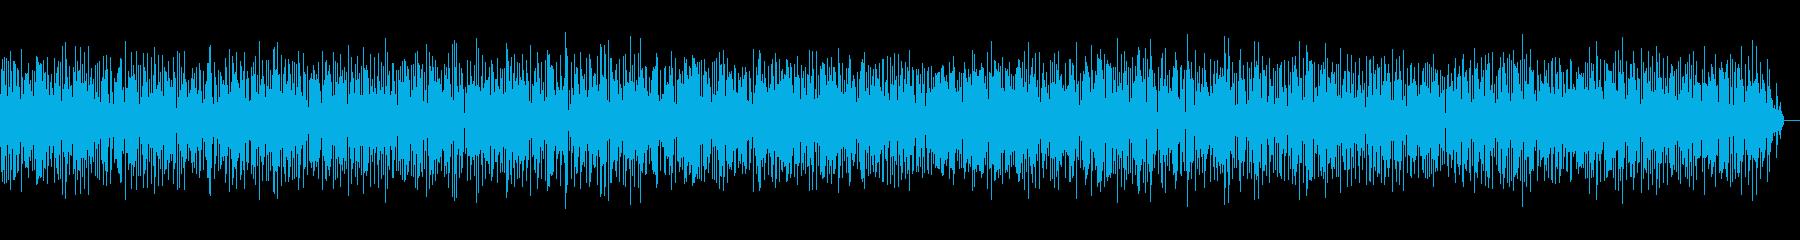 アコーディオンジャズのカフェミュージックの再生済みの波形